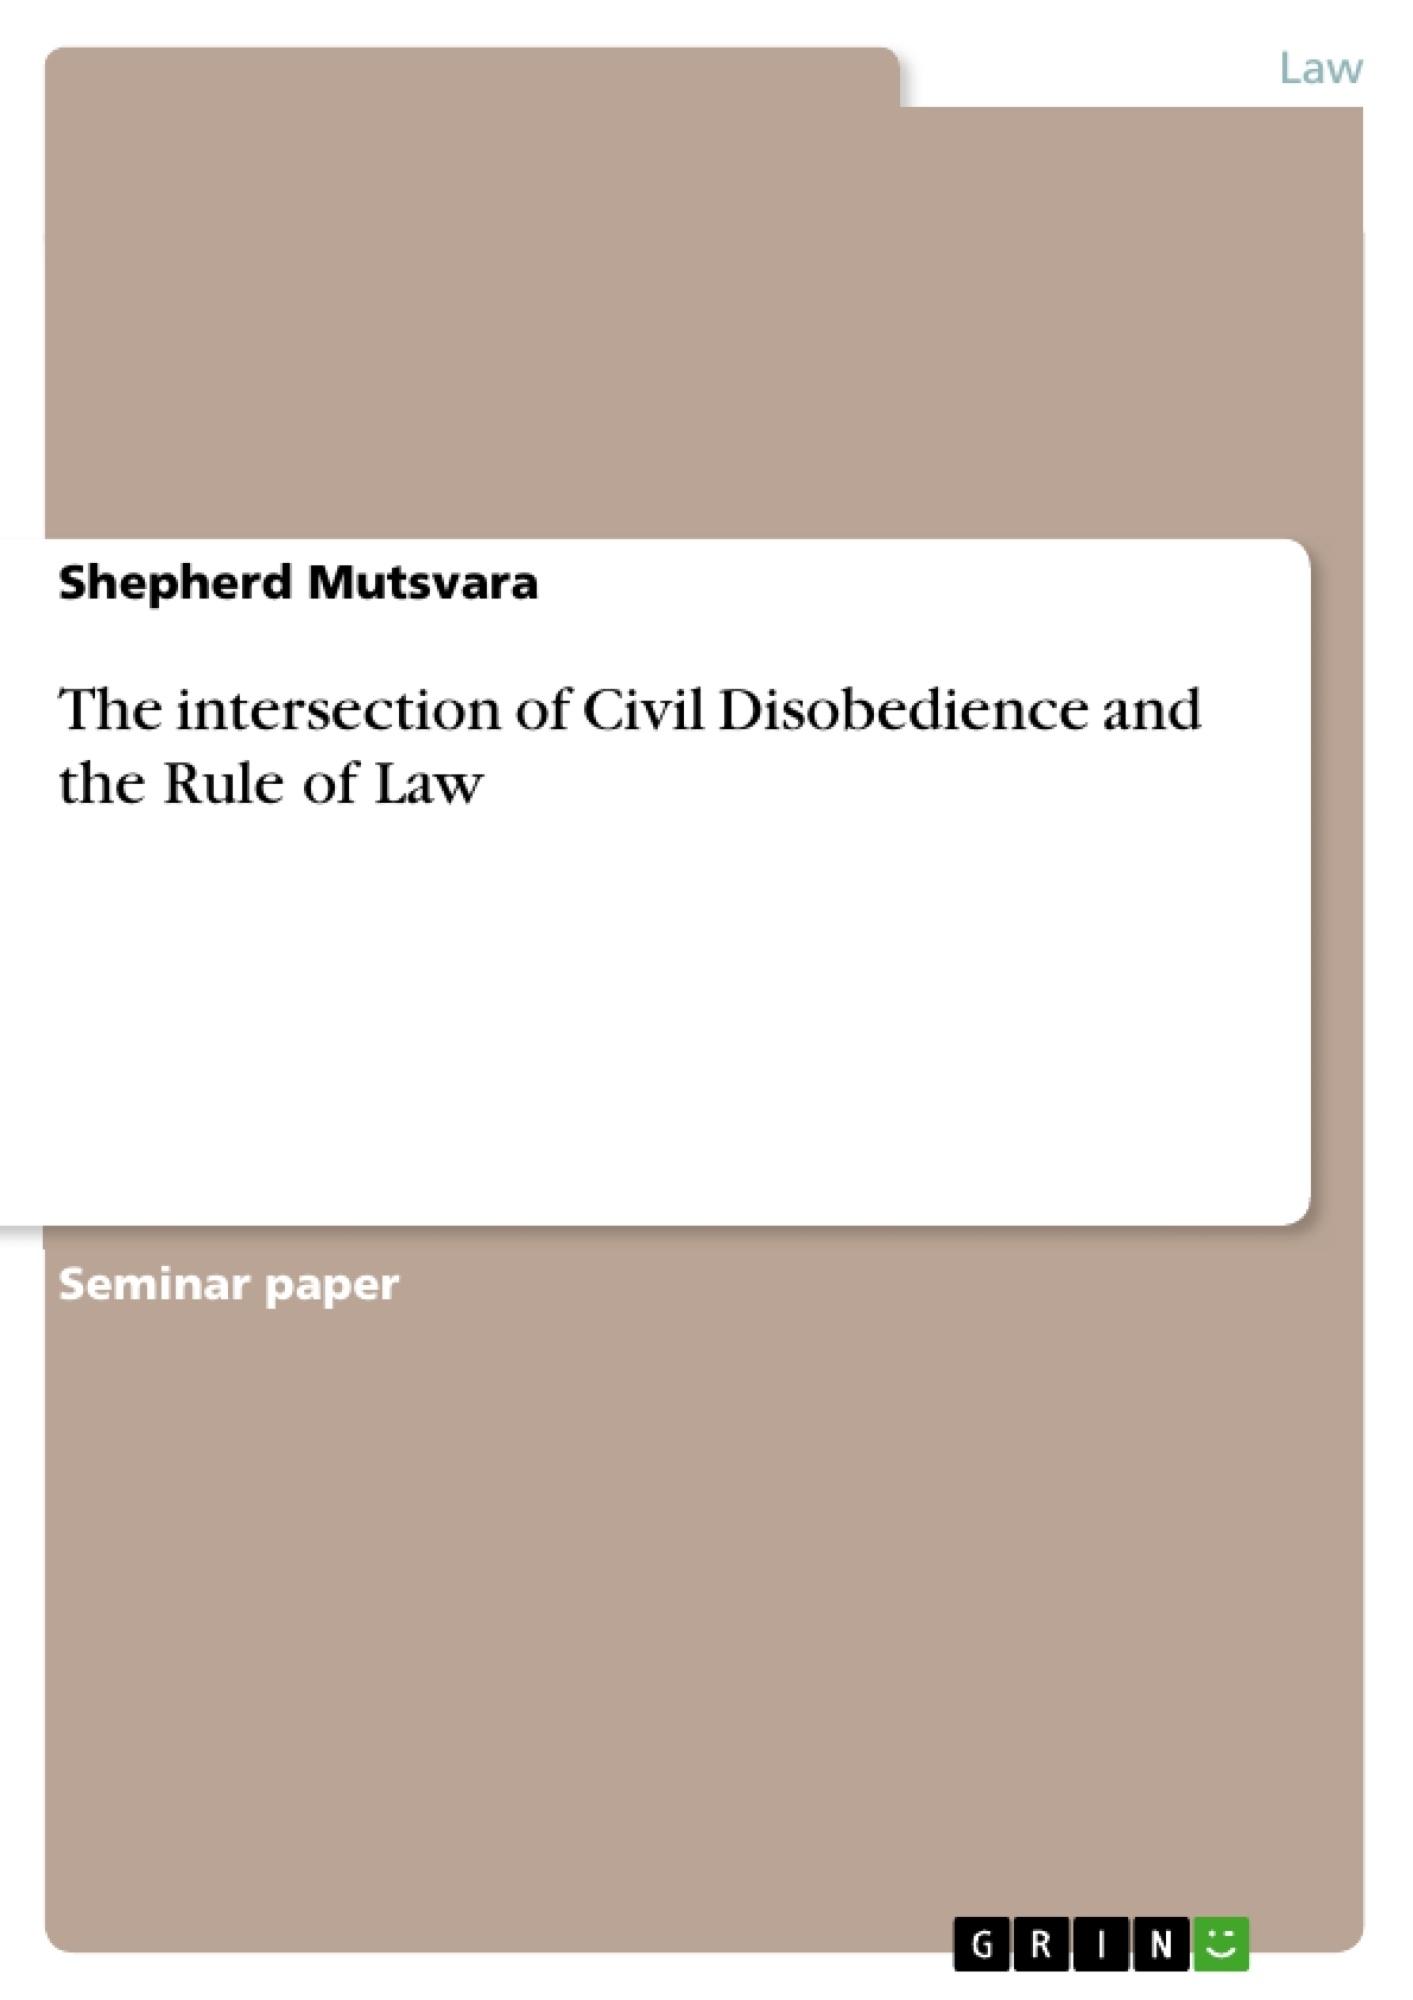 bachelor thesis ru rechten